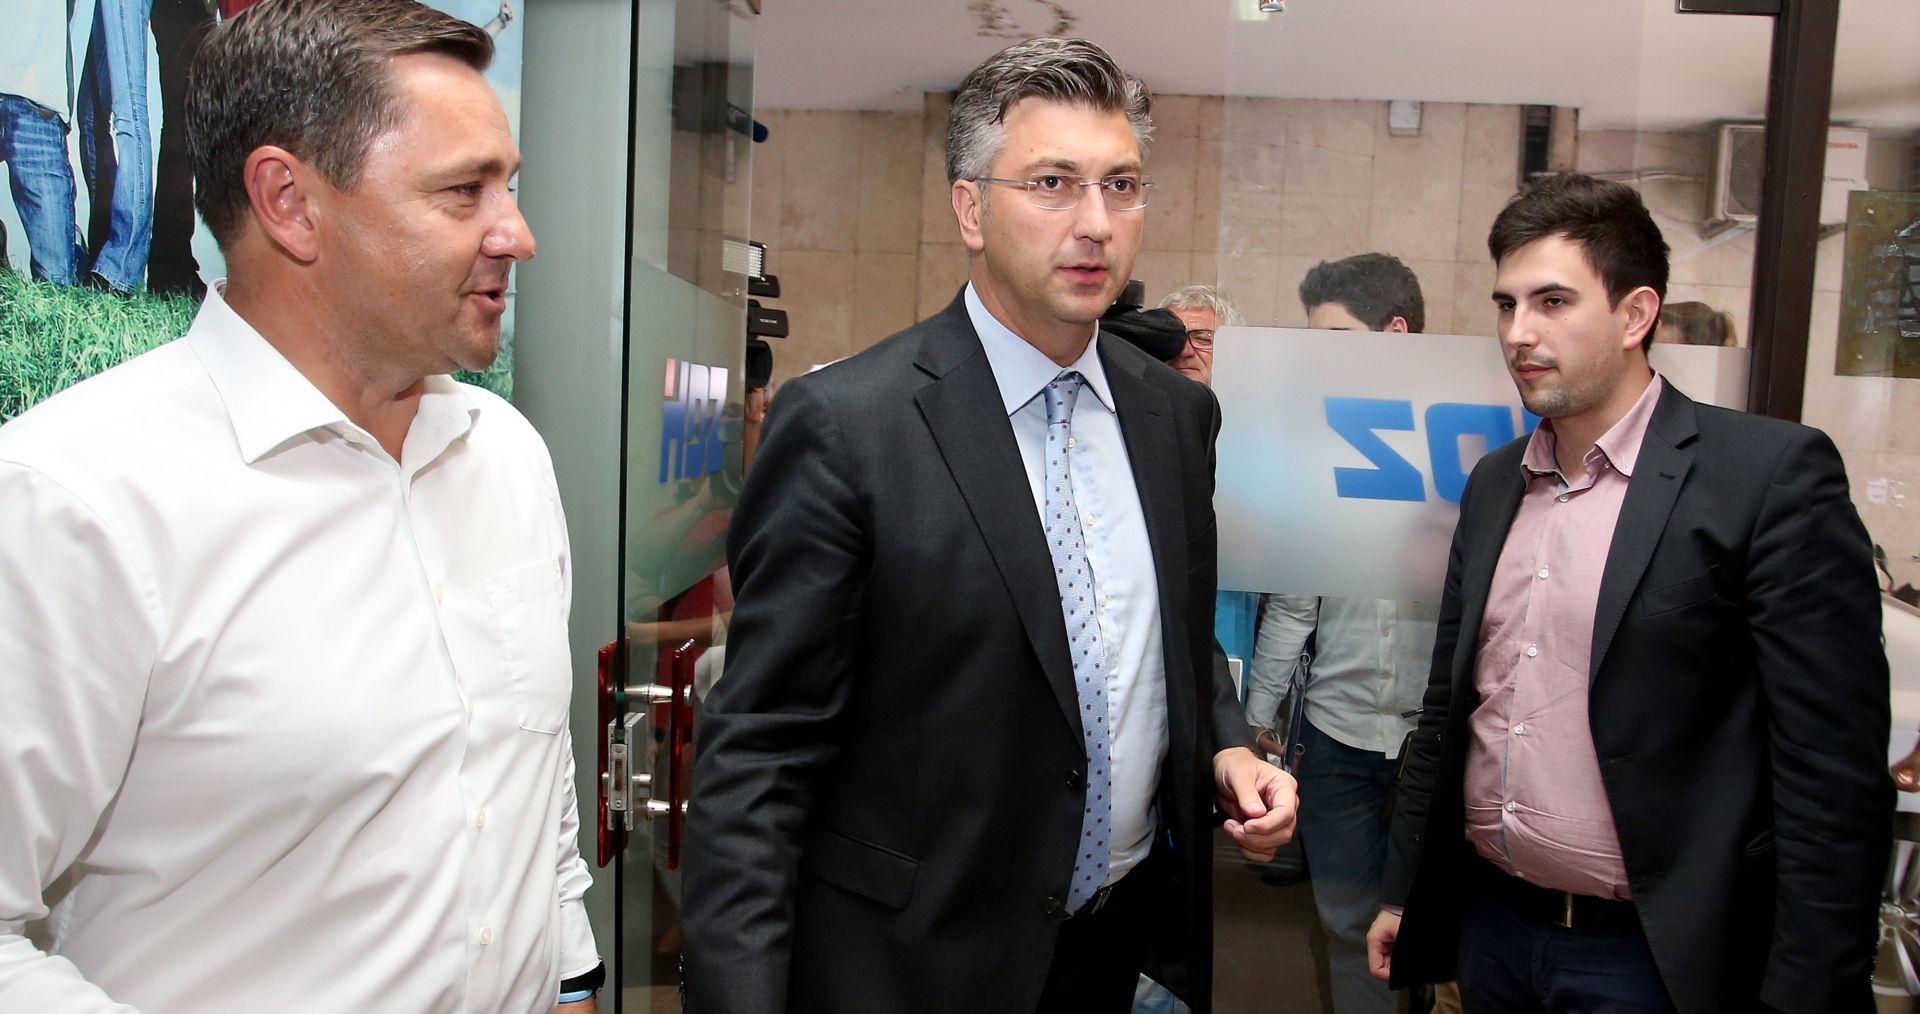 Plenković: Počinju razgovori s Mostom i drugim strankama